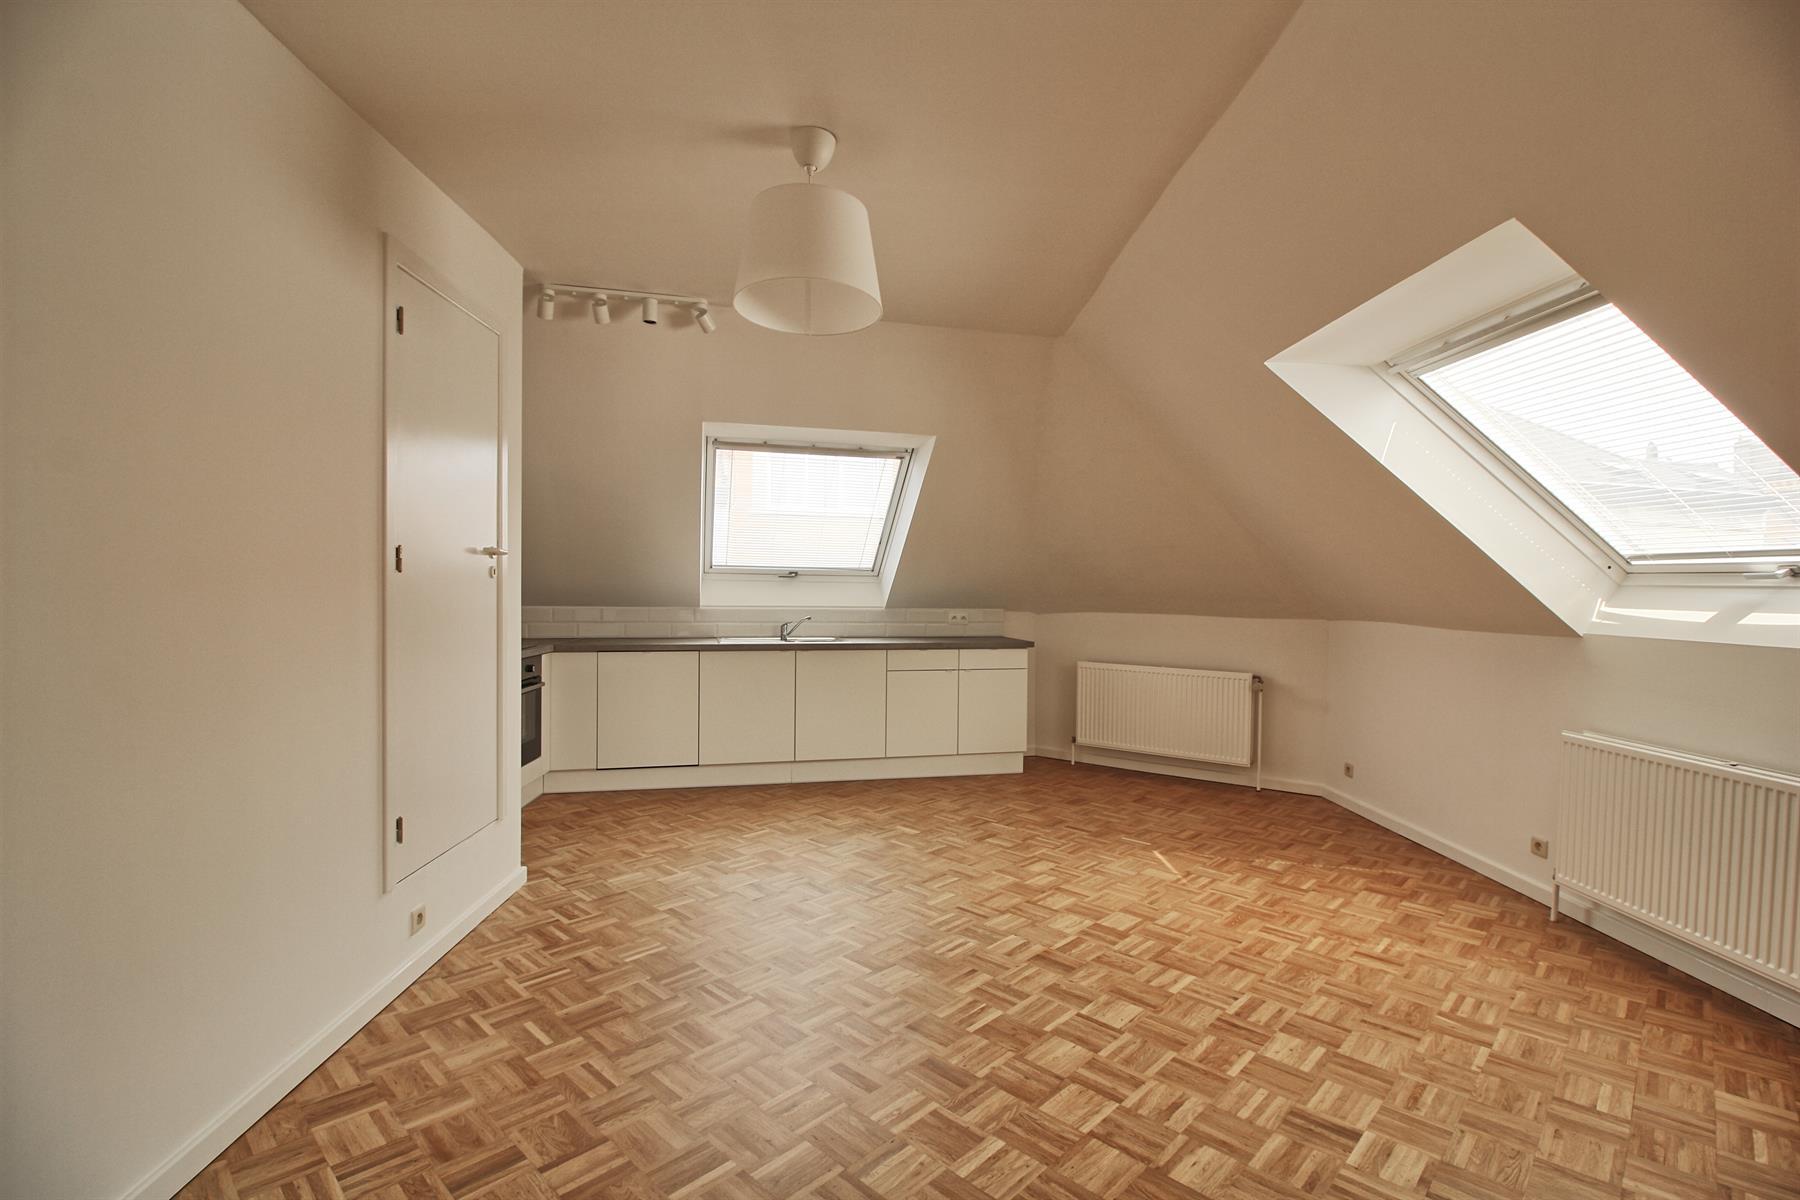 Appartement - Etterbeek - #4277250-6